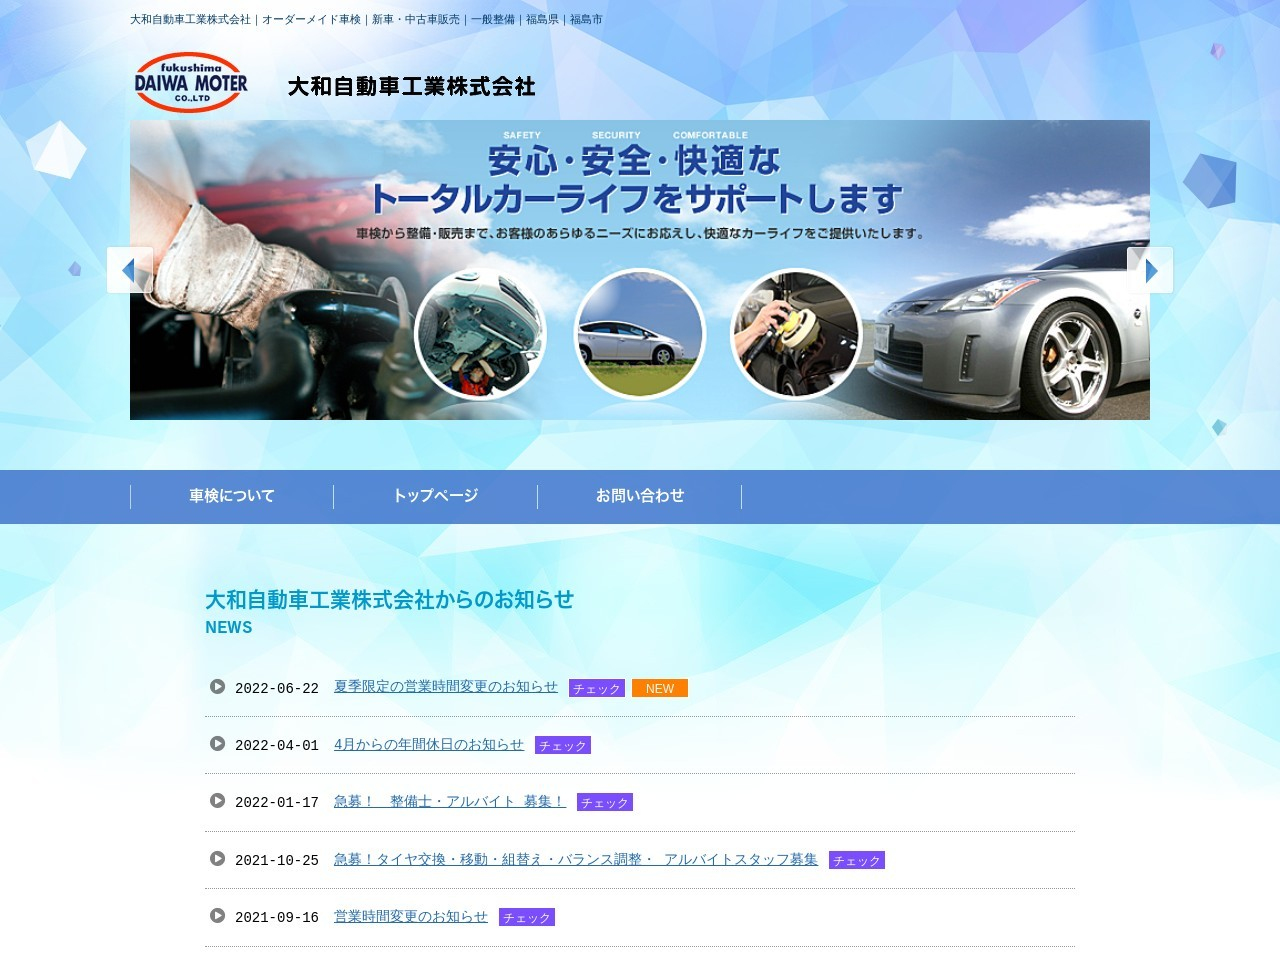 大和自動車工業株式会社